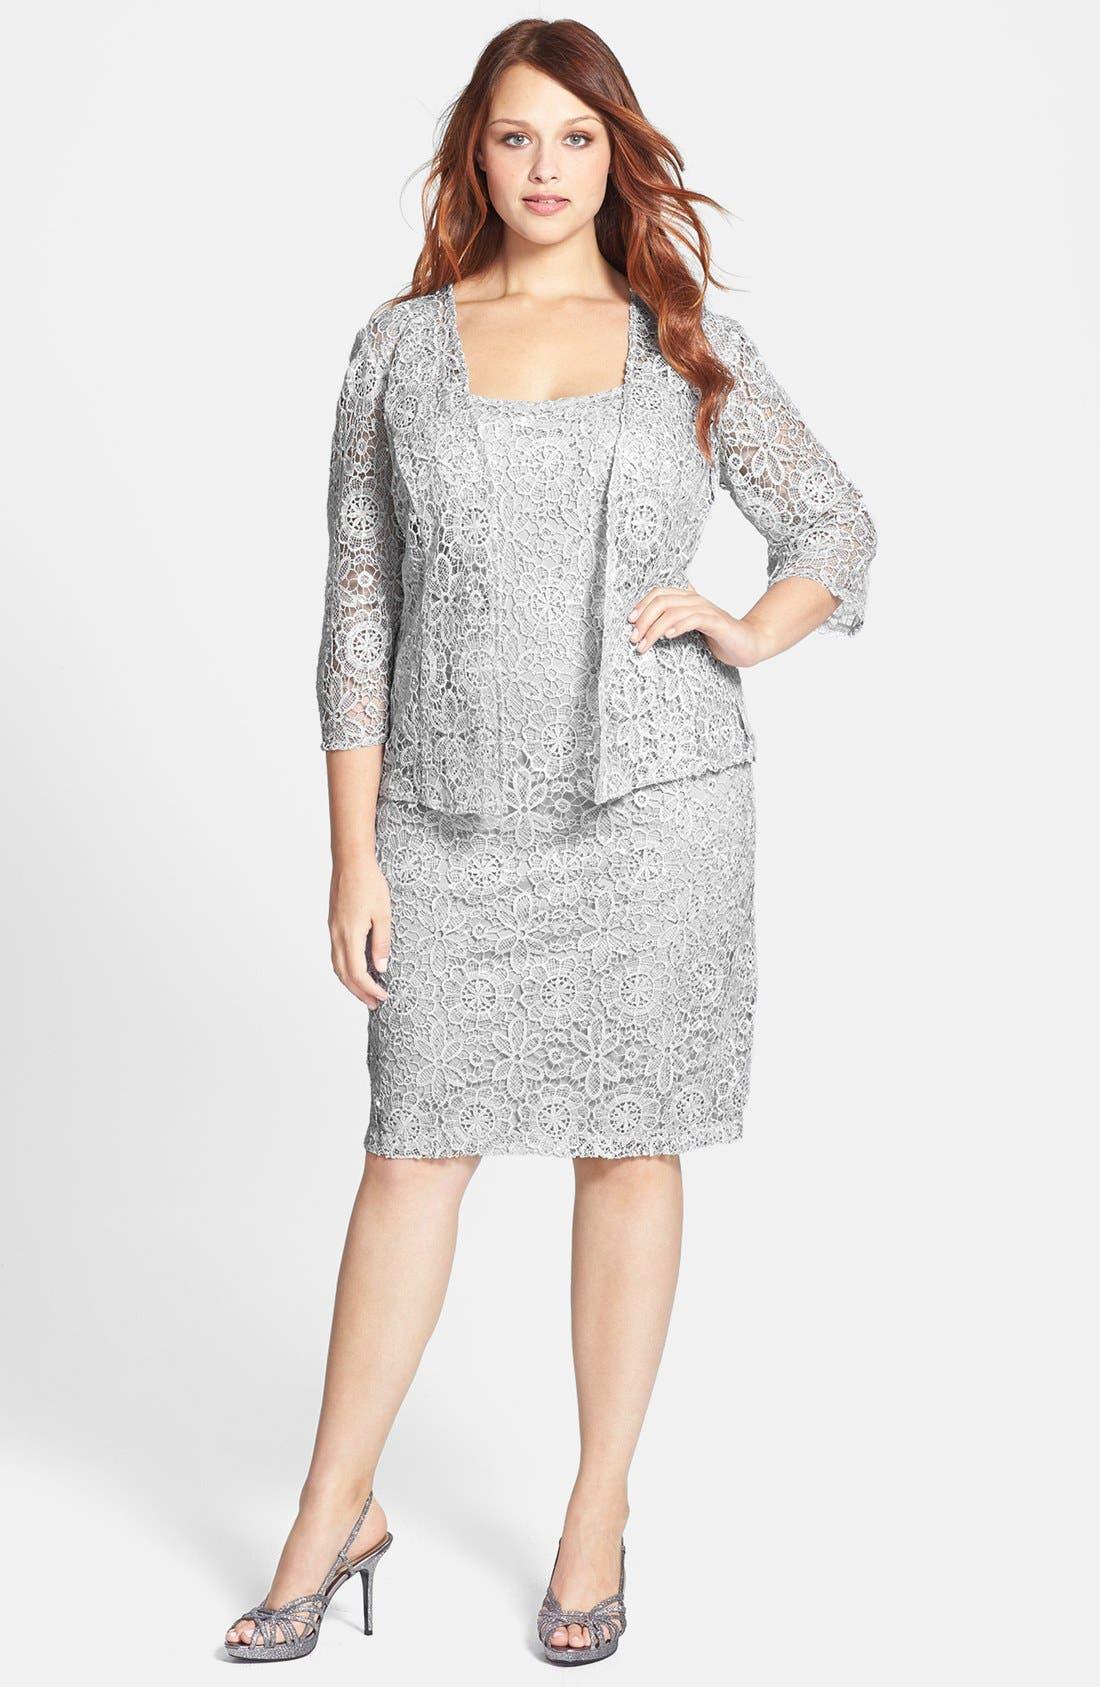 Alternate Image 1 Selected - Alex Evenings Sequin Lace Dress & Jacket (Plus Size)